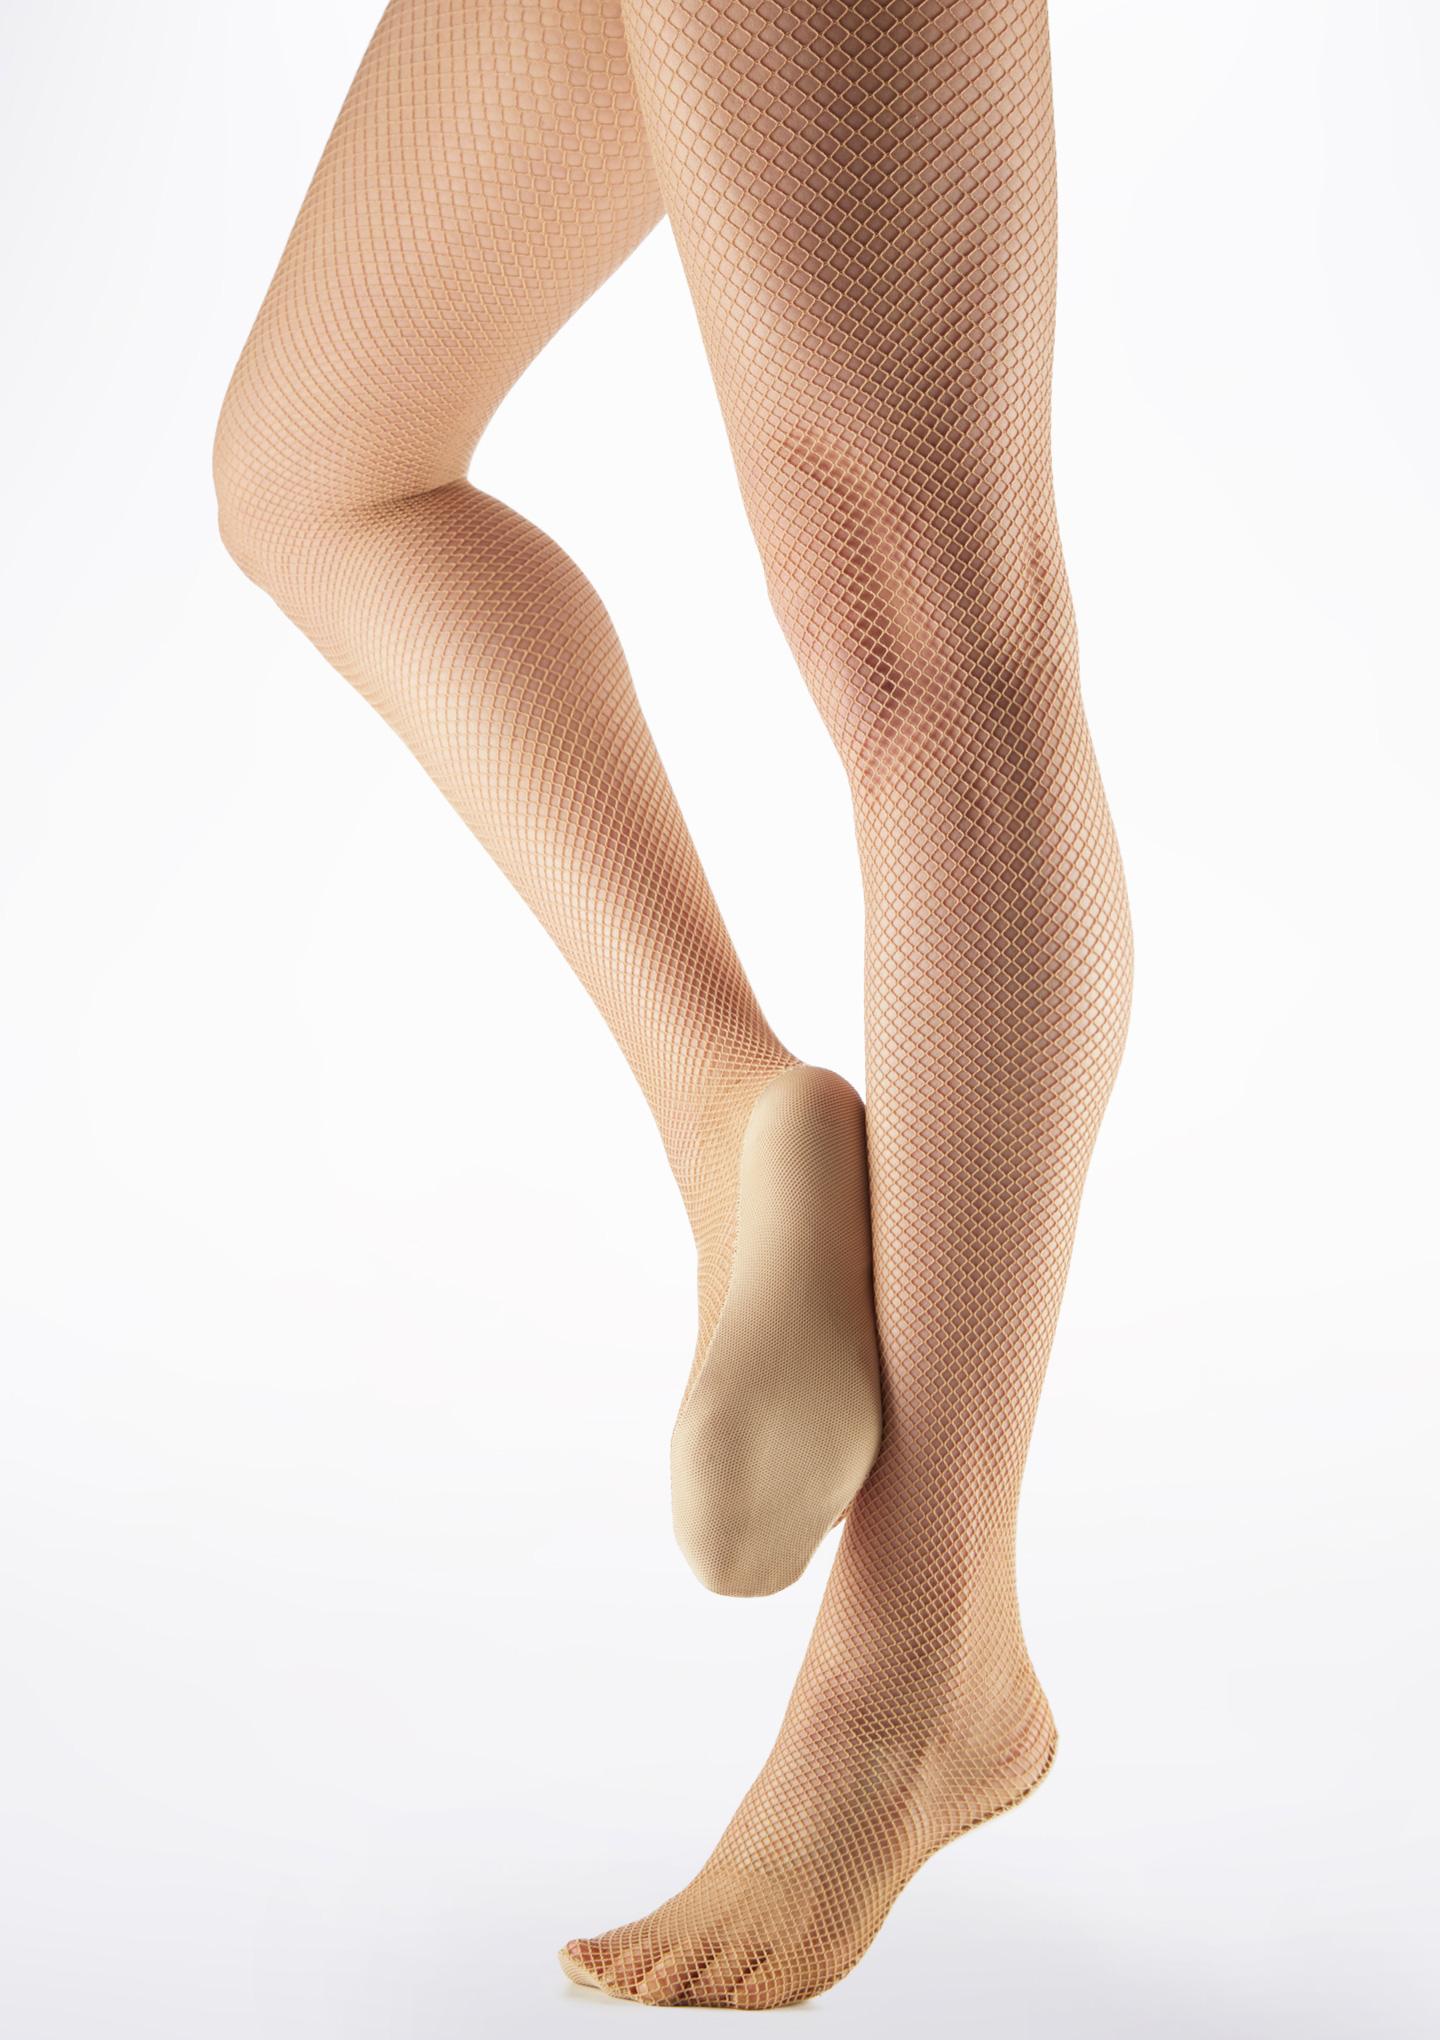 Calze Danza Professionali a Rete Color Carne Marrone immagine principale. [Marrone]